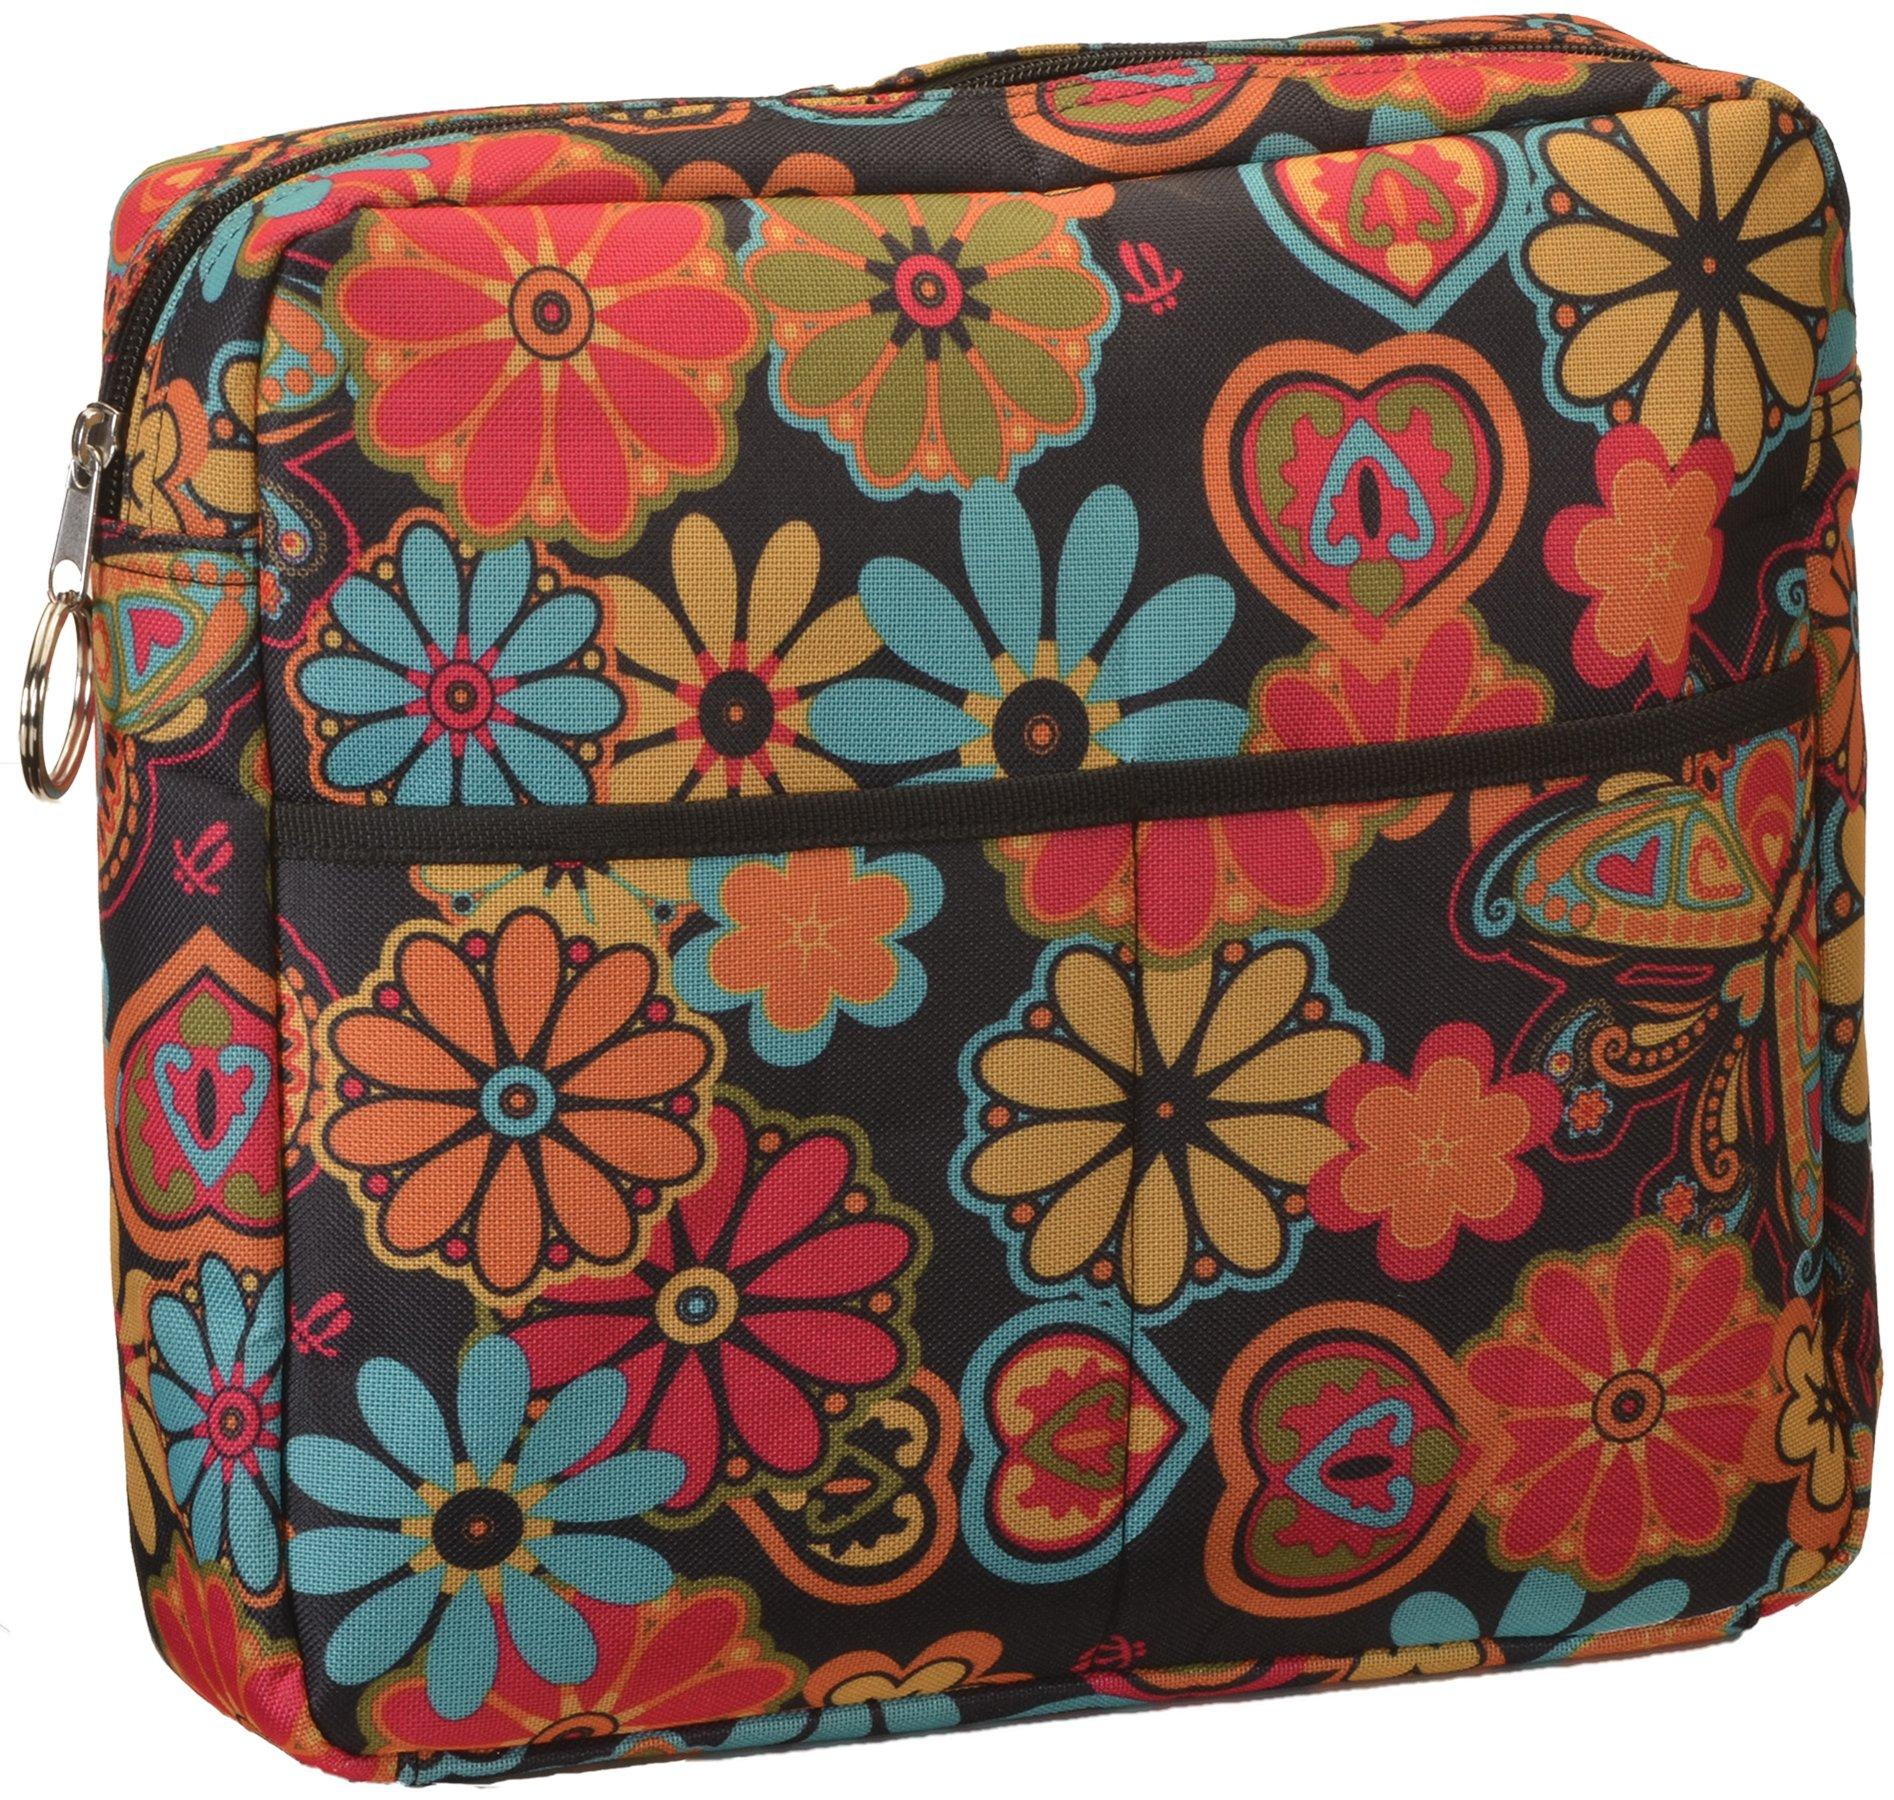 NOVA Medical Products Mobility Bag, Boho Blossoms, 1 Pound